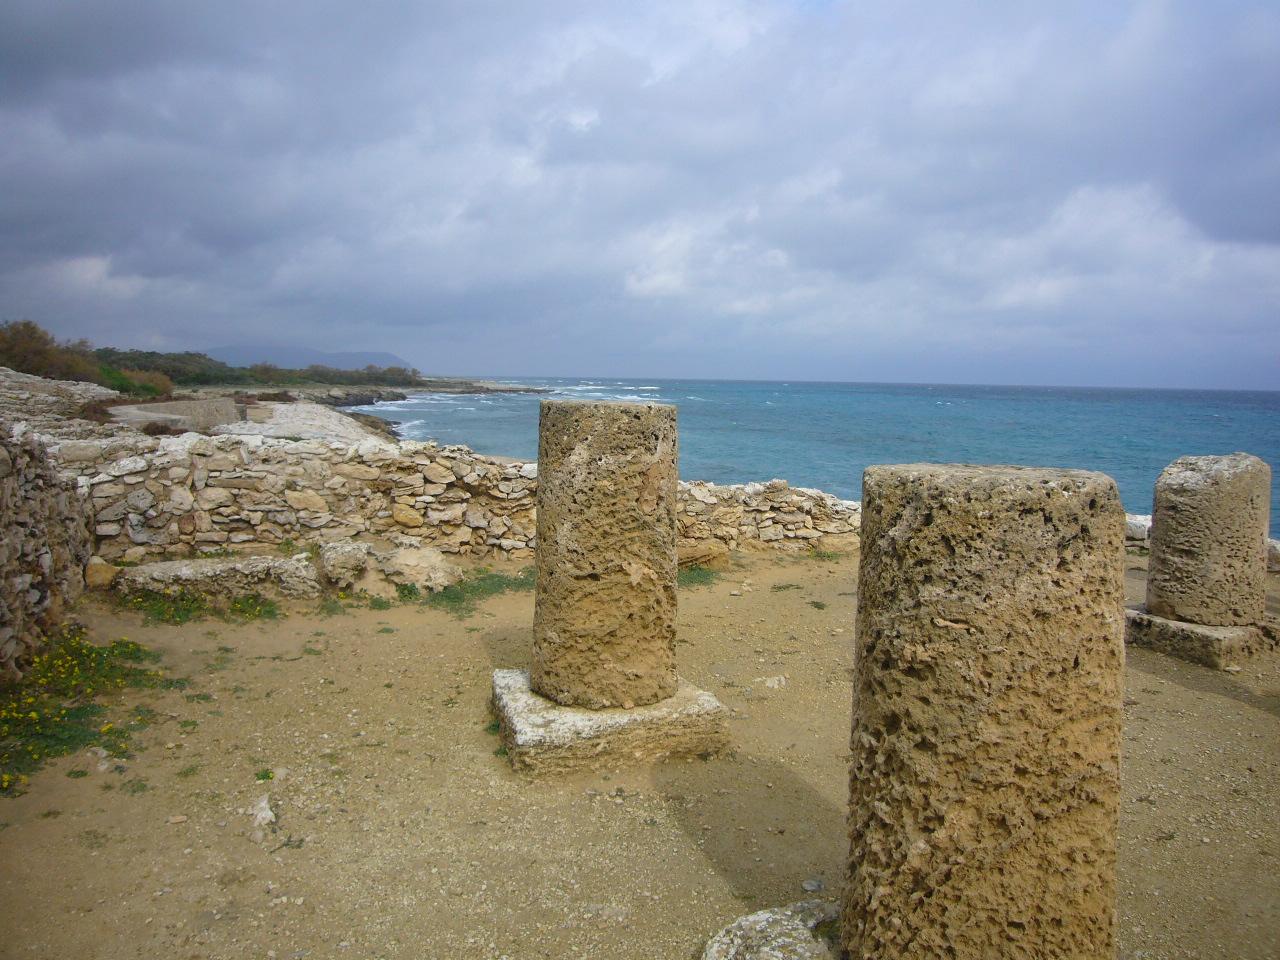 '08 チュニジア周遊の旅~(15)フェニキア人の遺跡、ケルクアン